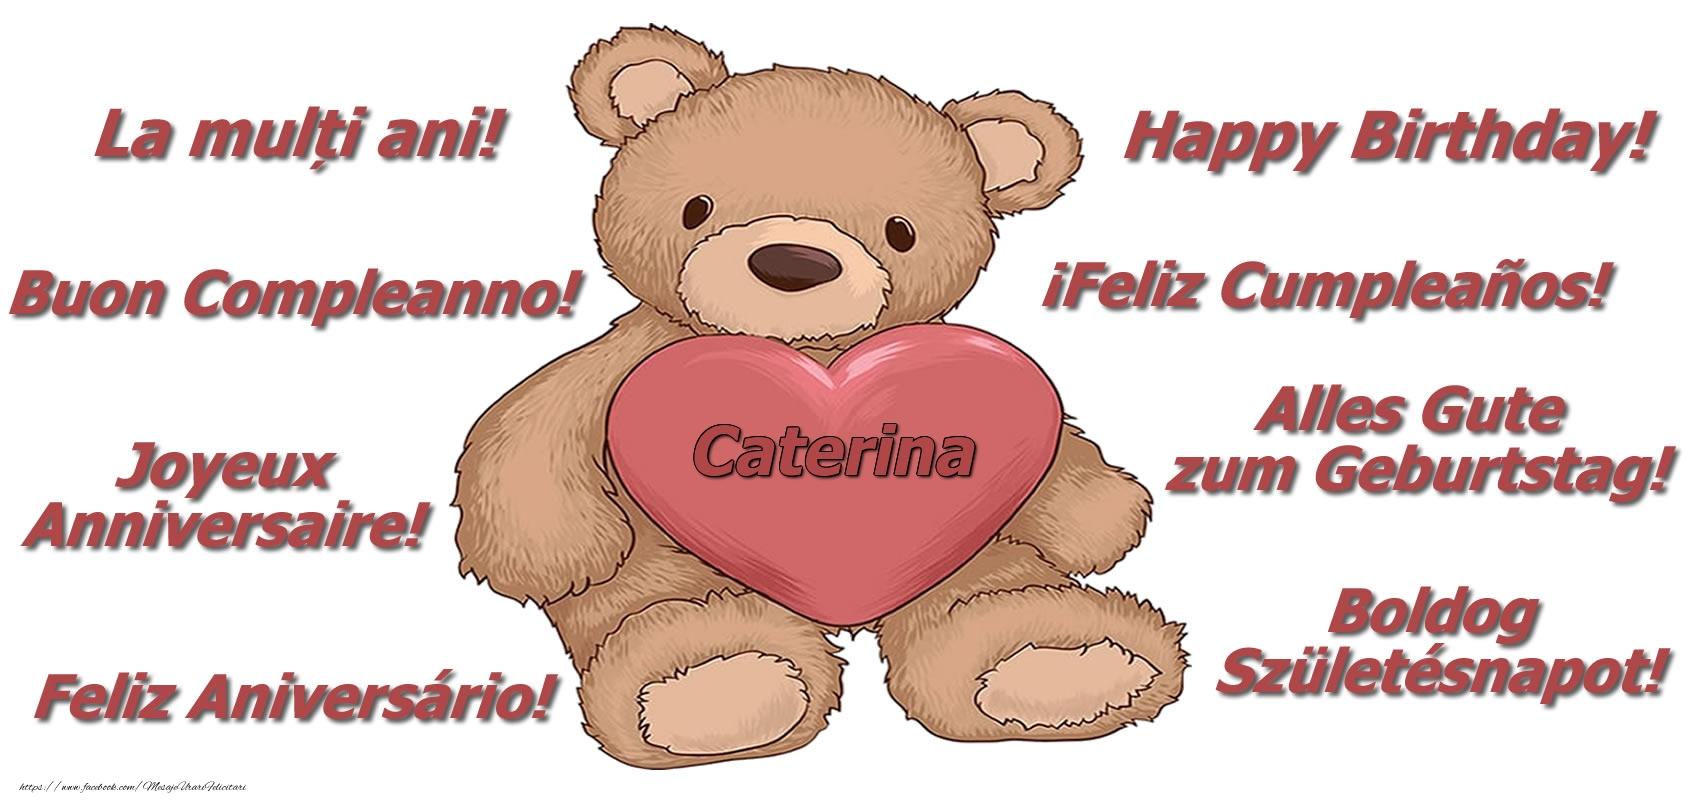 Felicitari de zi de nastere - La multi ani Caterina! - Ursulet